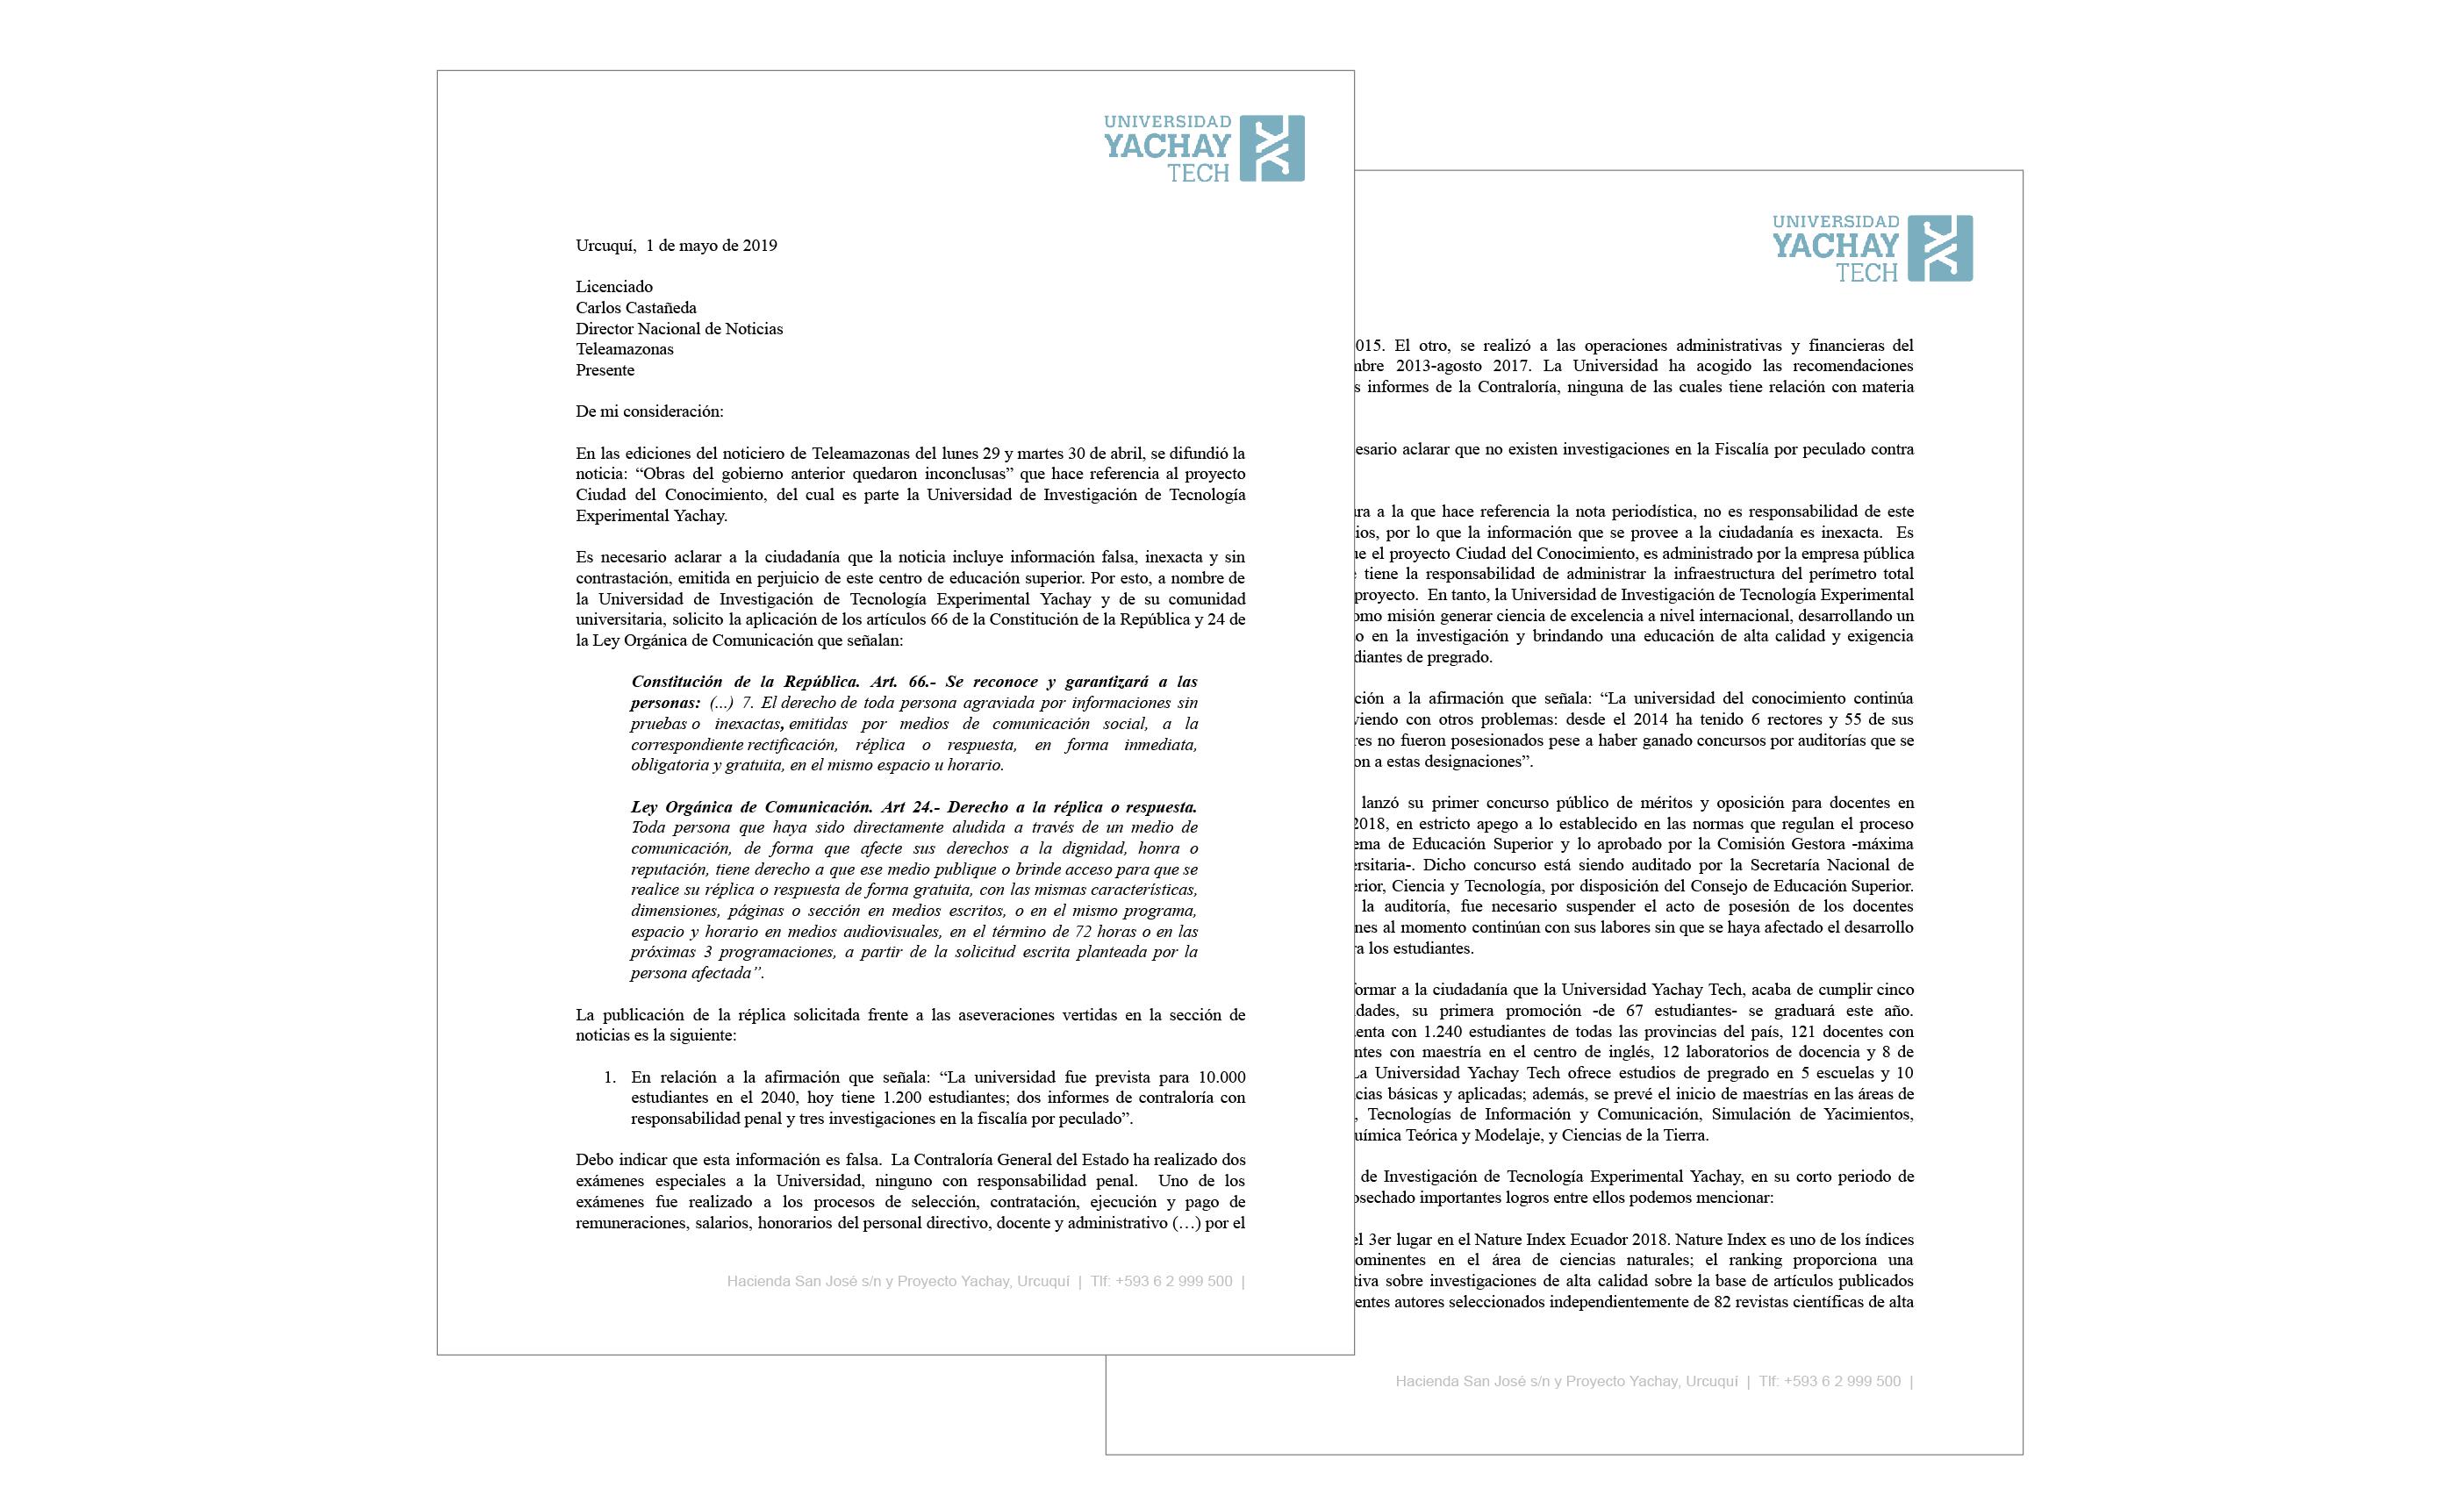 Universidad Yachay Tech hace solicitud de derecho a la réplica a Teleamazonas